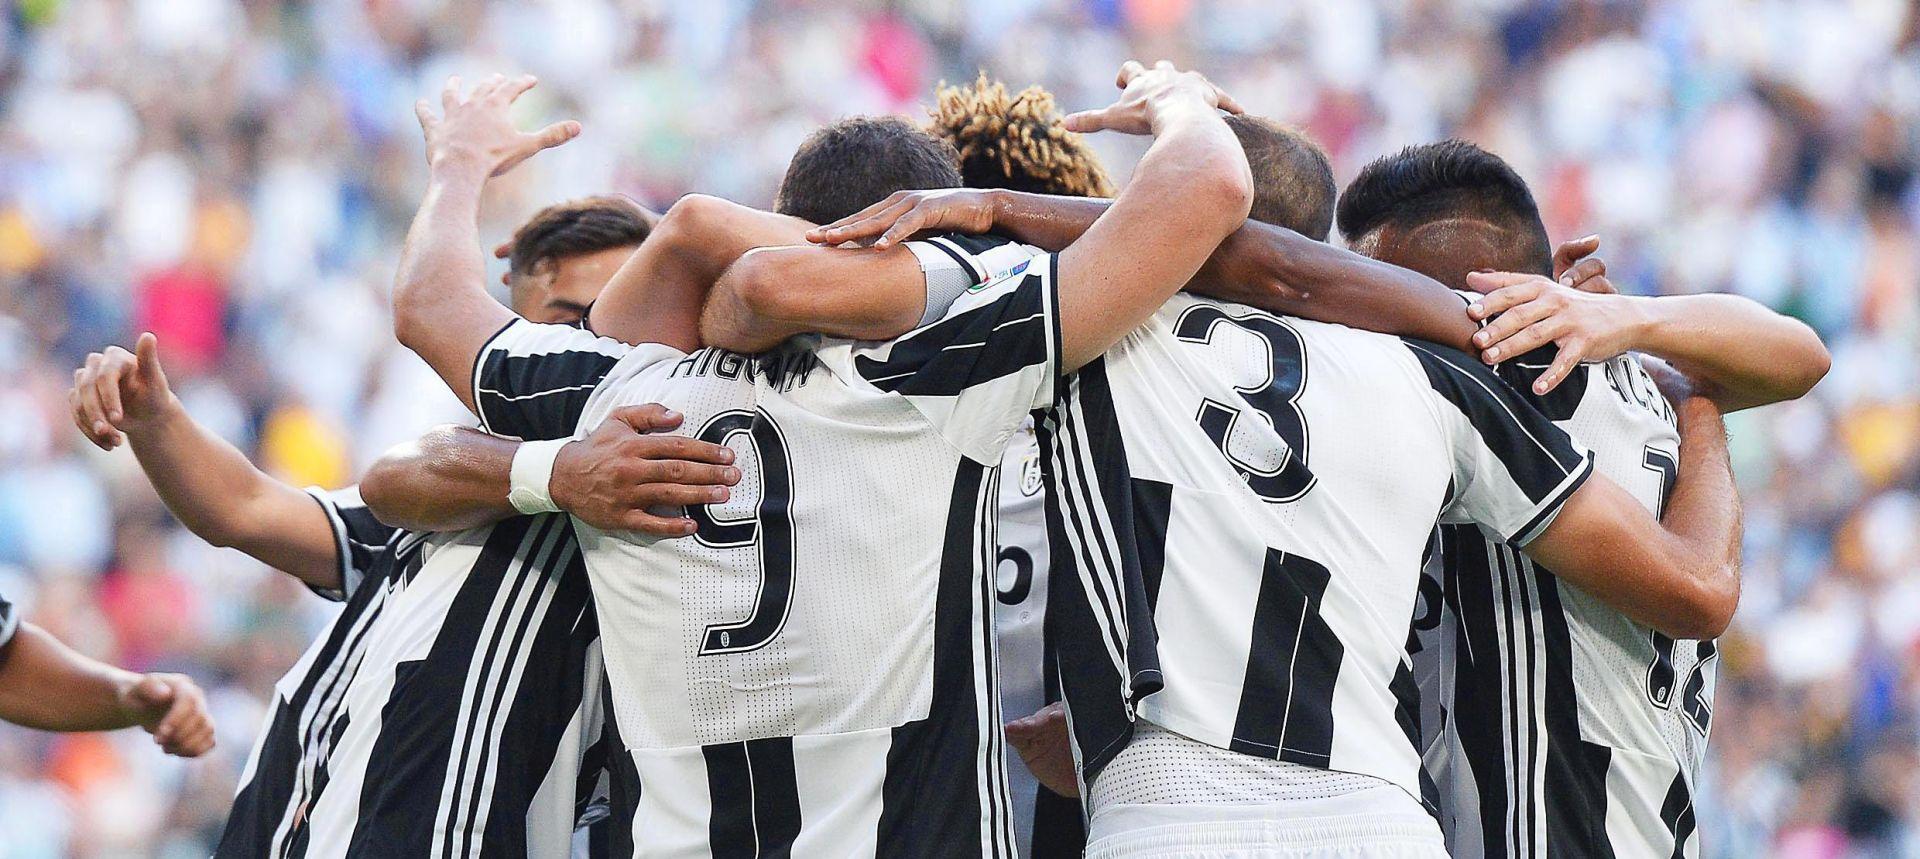 VIDEO: NAVIJAČKO NASILJE Sukobi u Sevilli, izboden navijač Juventusa